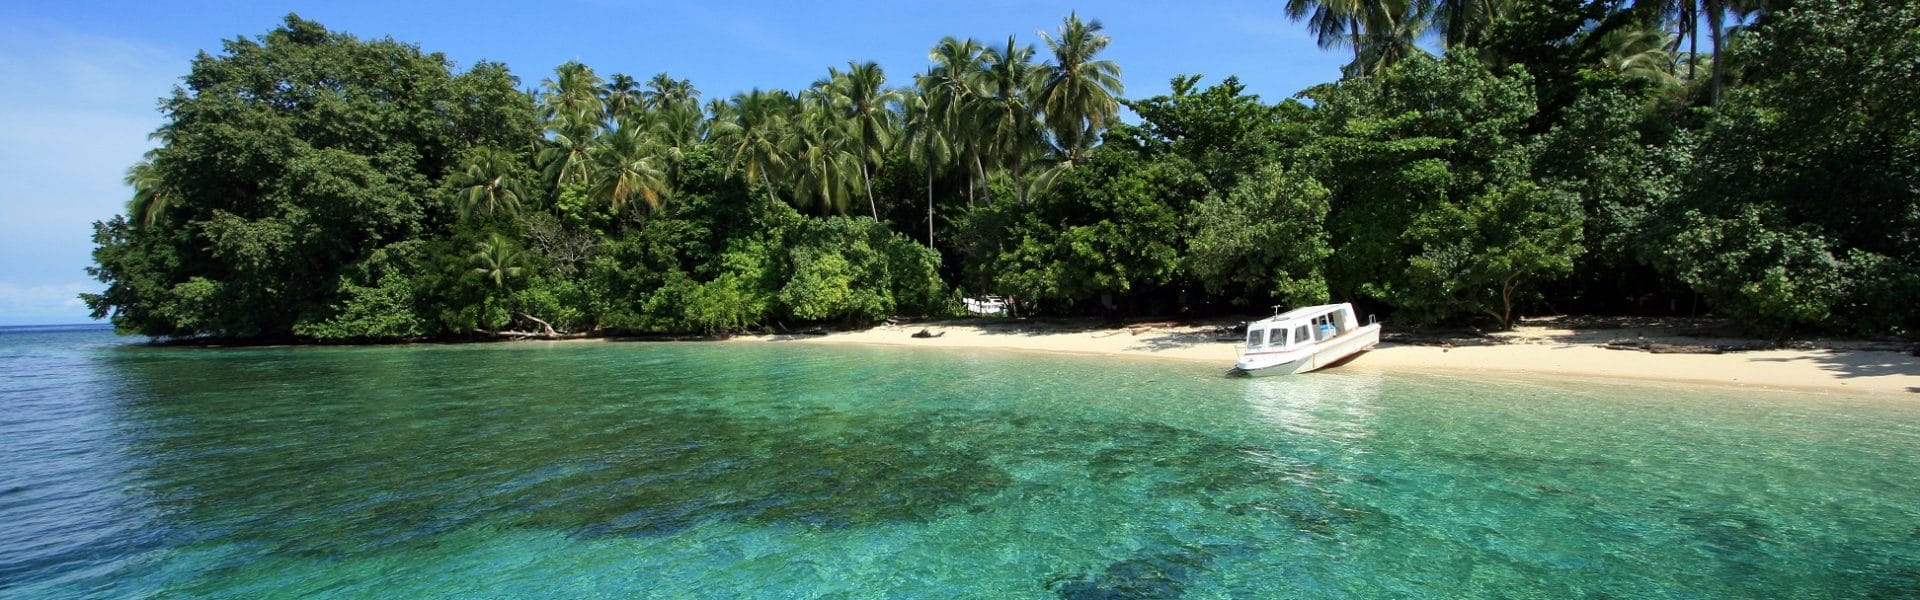 10 Tempat Wisata Di Papua Yang Wajib Dikunjungi